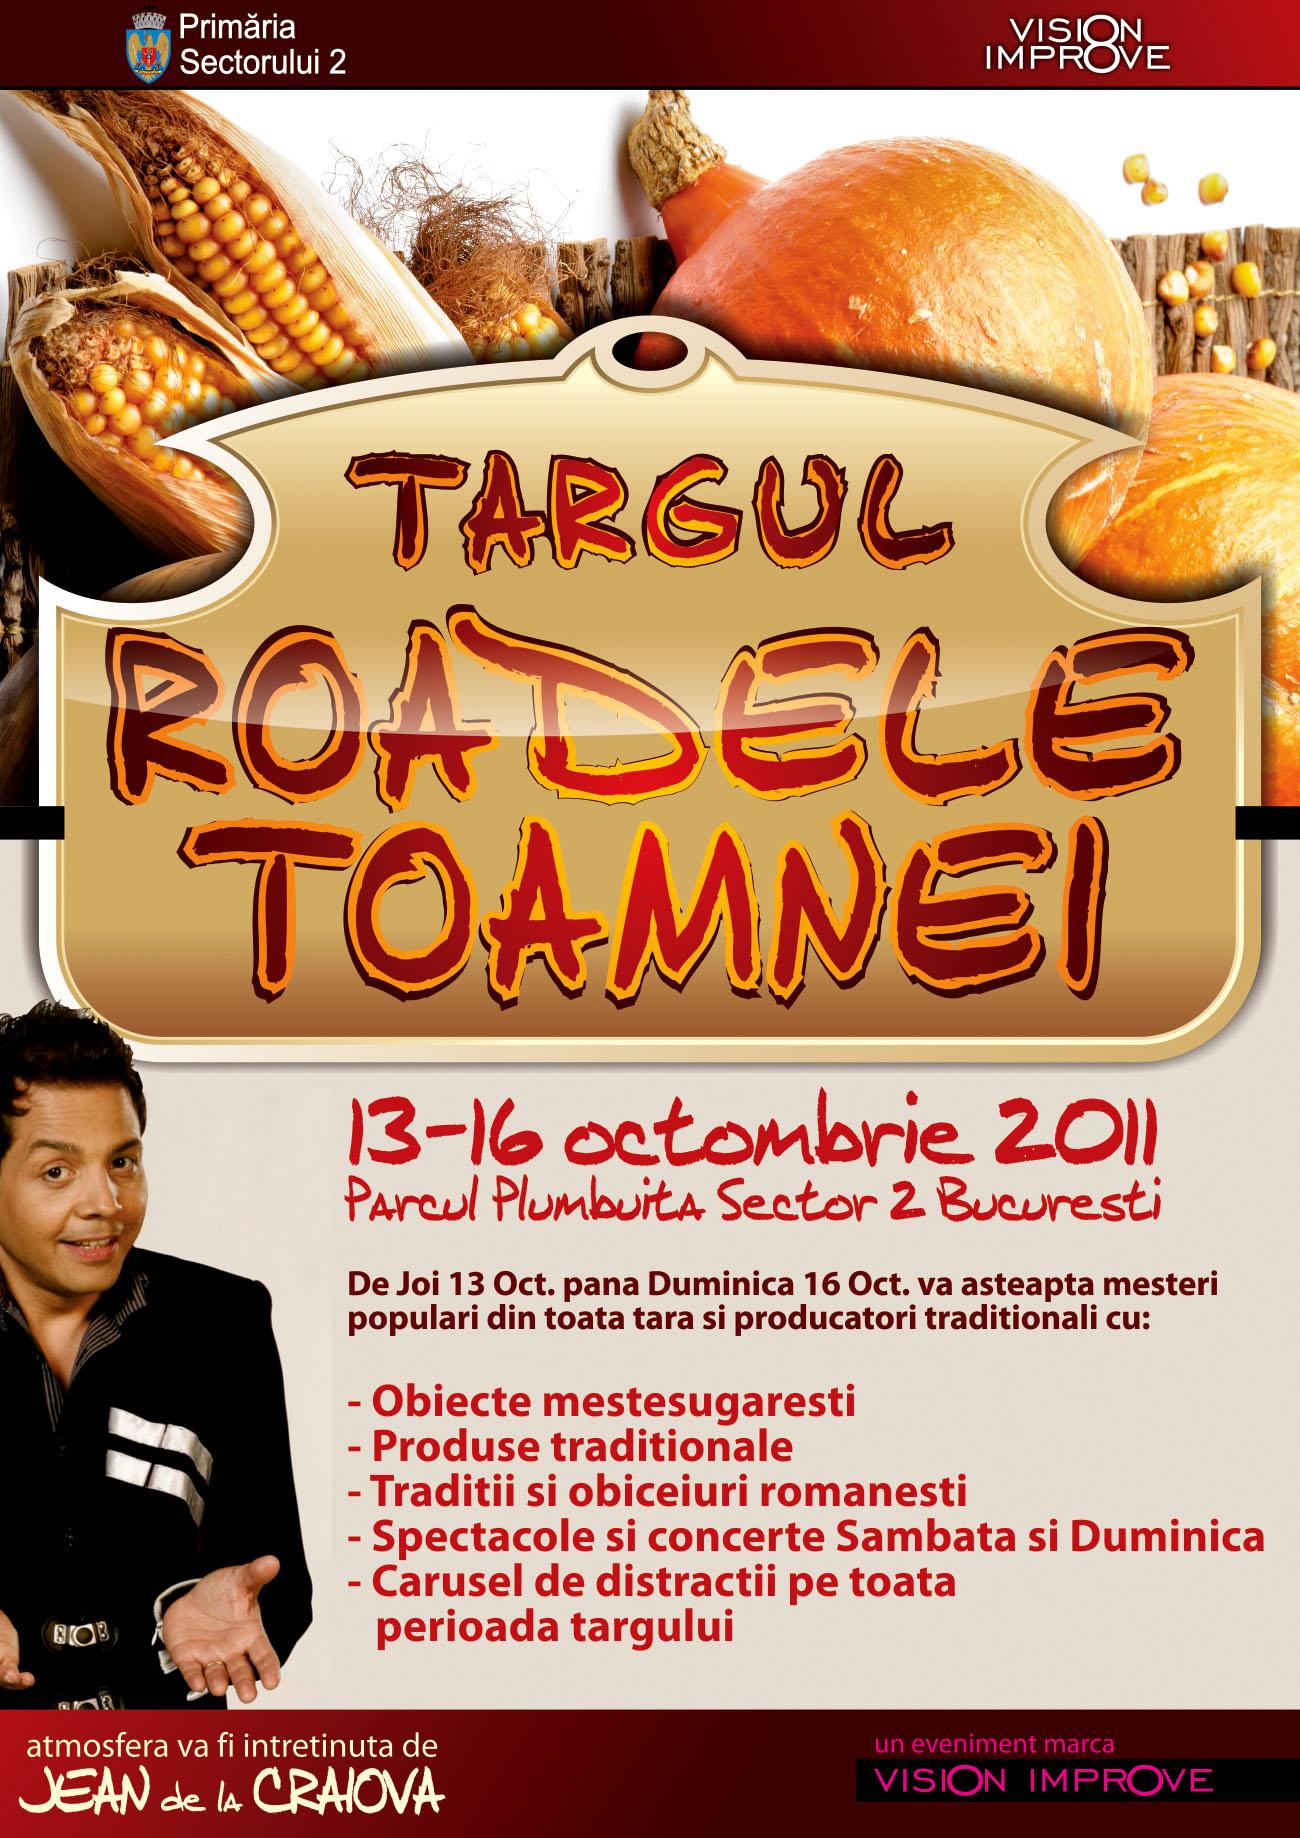 """Invitatie la Tragul """" Roadele Toamnei"""", 13- 16 octombrie 2011, Parcul Plumbuita- Sector 2 Bucuresti"""